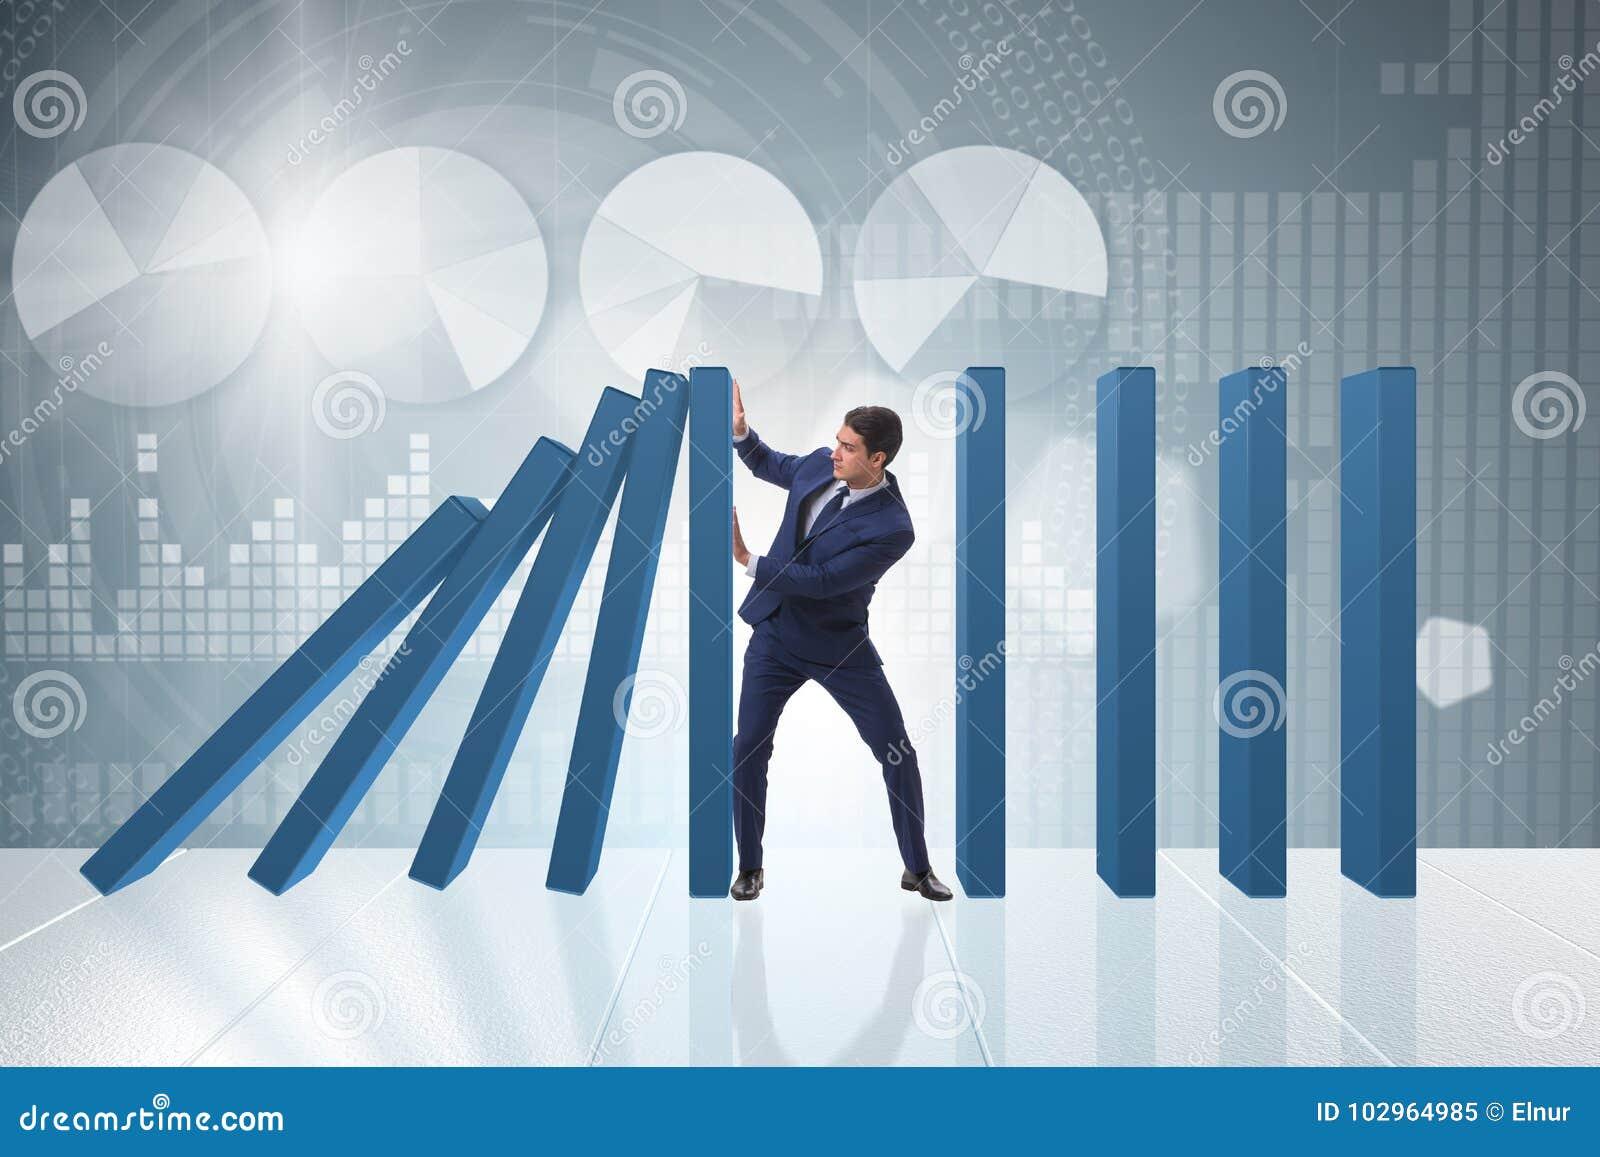 Der Geschäftsmann im Domino-Effekt-Geschäftskonzept